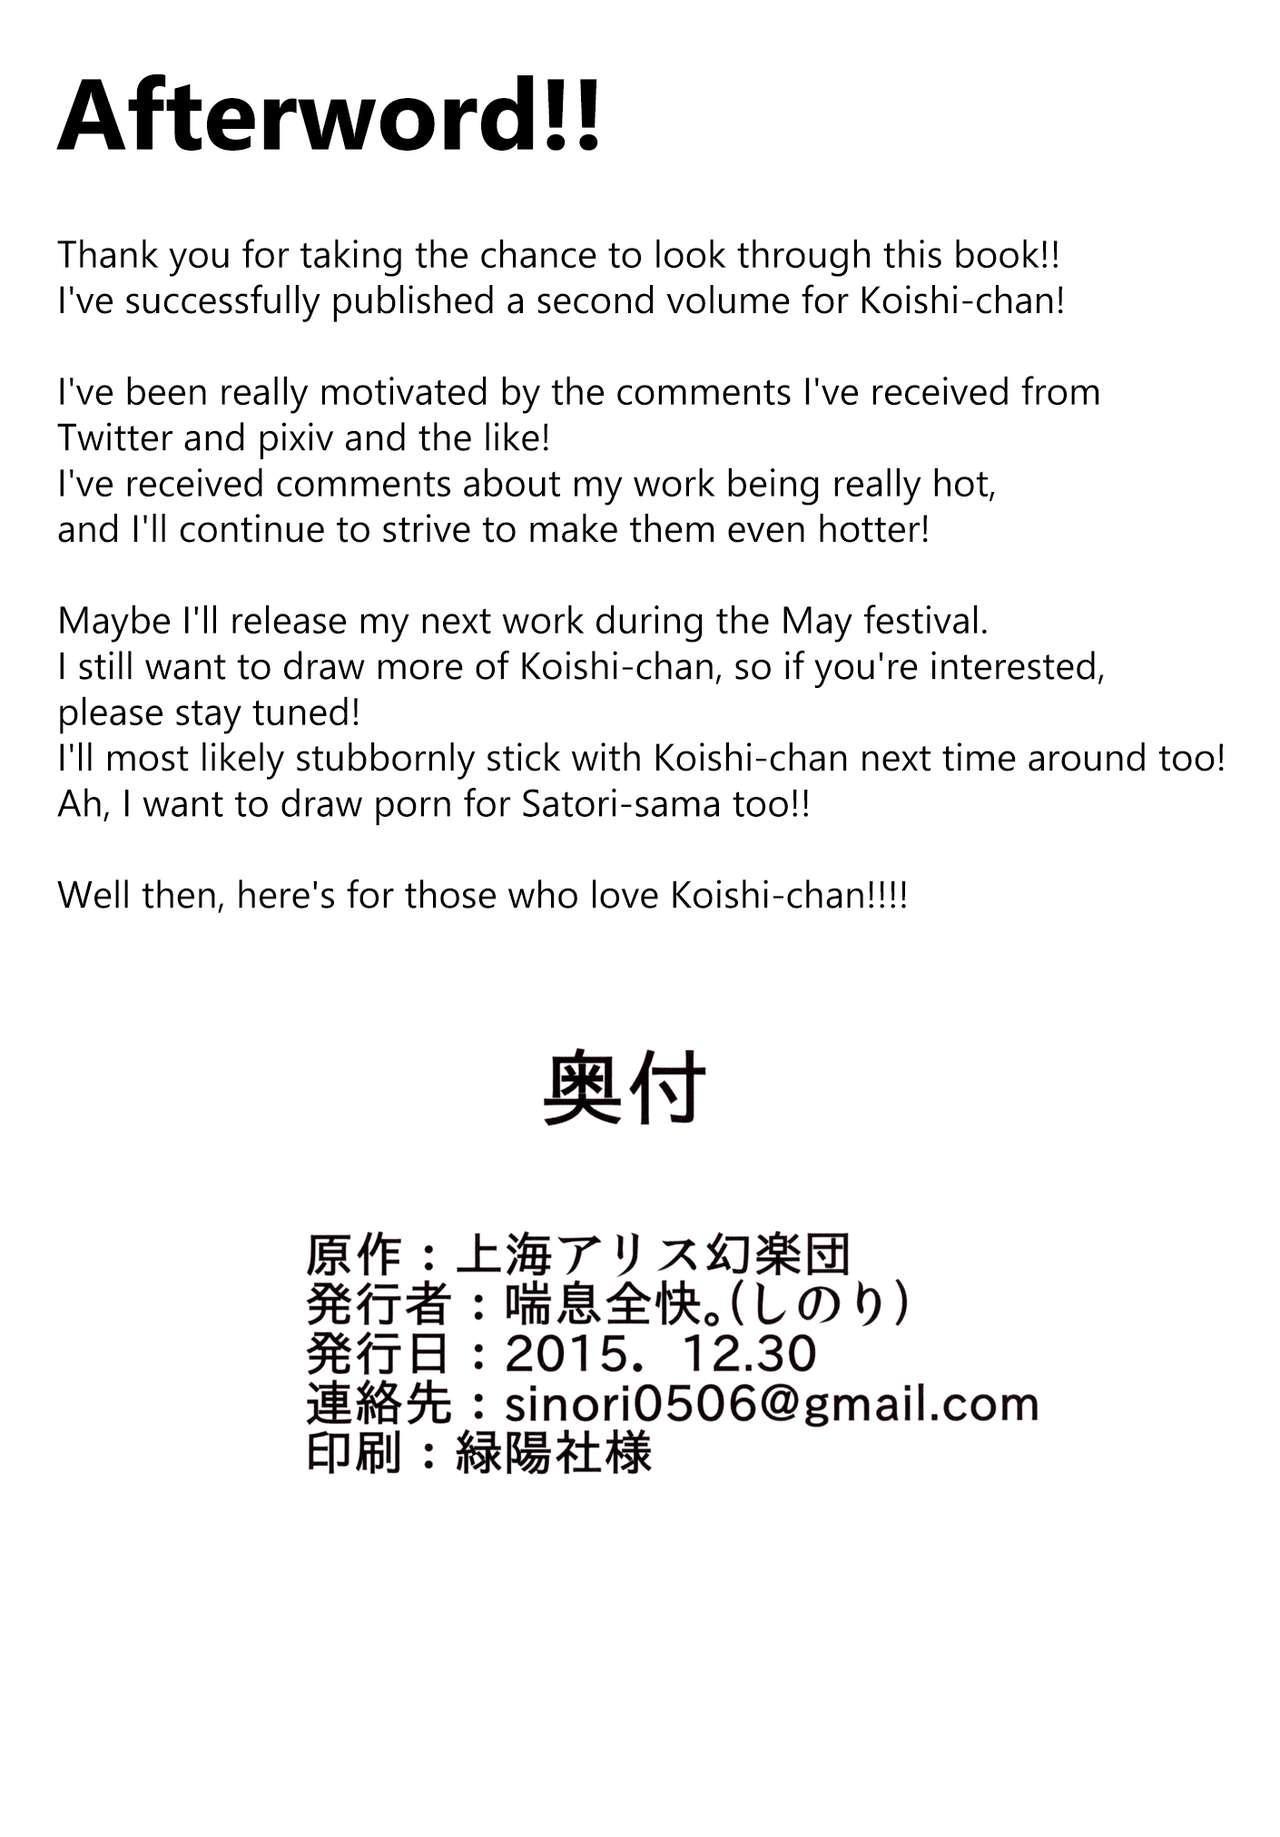 [Zensoku Zenkai. (Sinori)] Koishi-chan no Ashikokibon.   Koishi-chan's Footjob Book. (Touhou Project) [English] {Hennojin} [Digital] 16